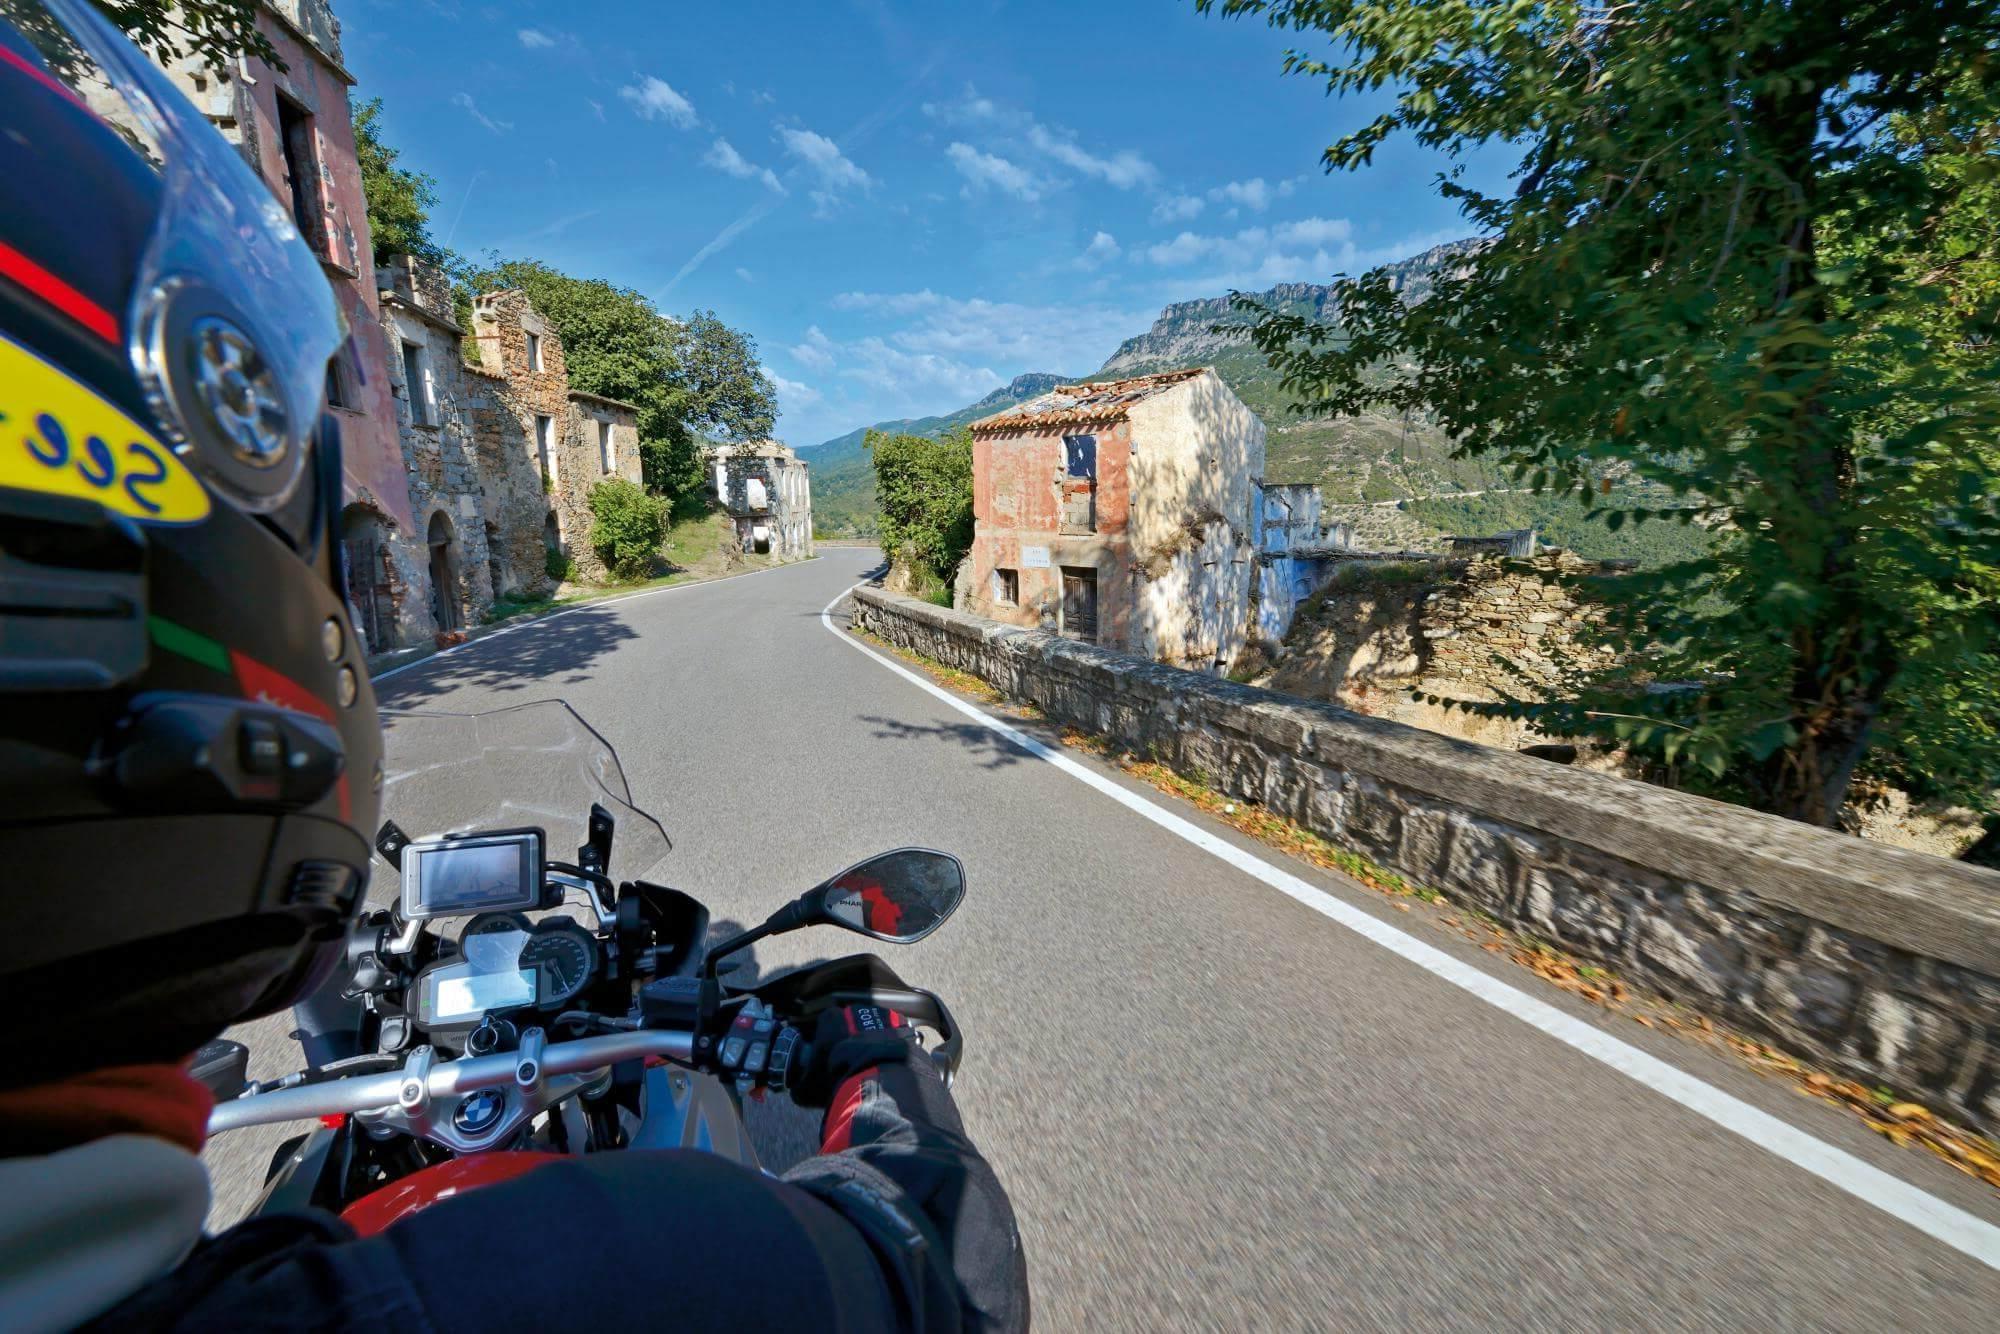 hotel_per_motociclisti_sardegna_parcheggio_coperto_custodito